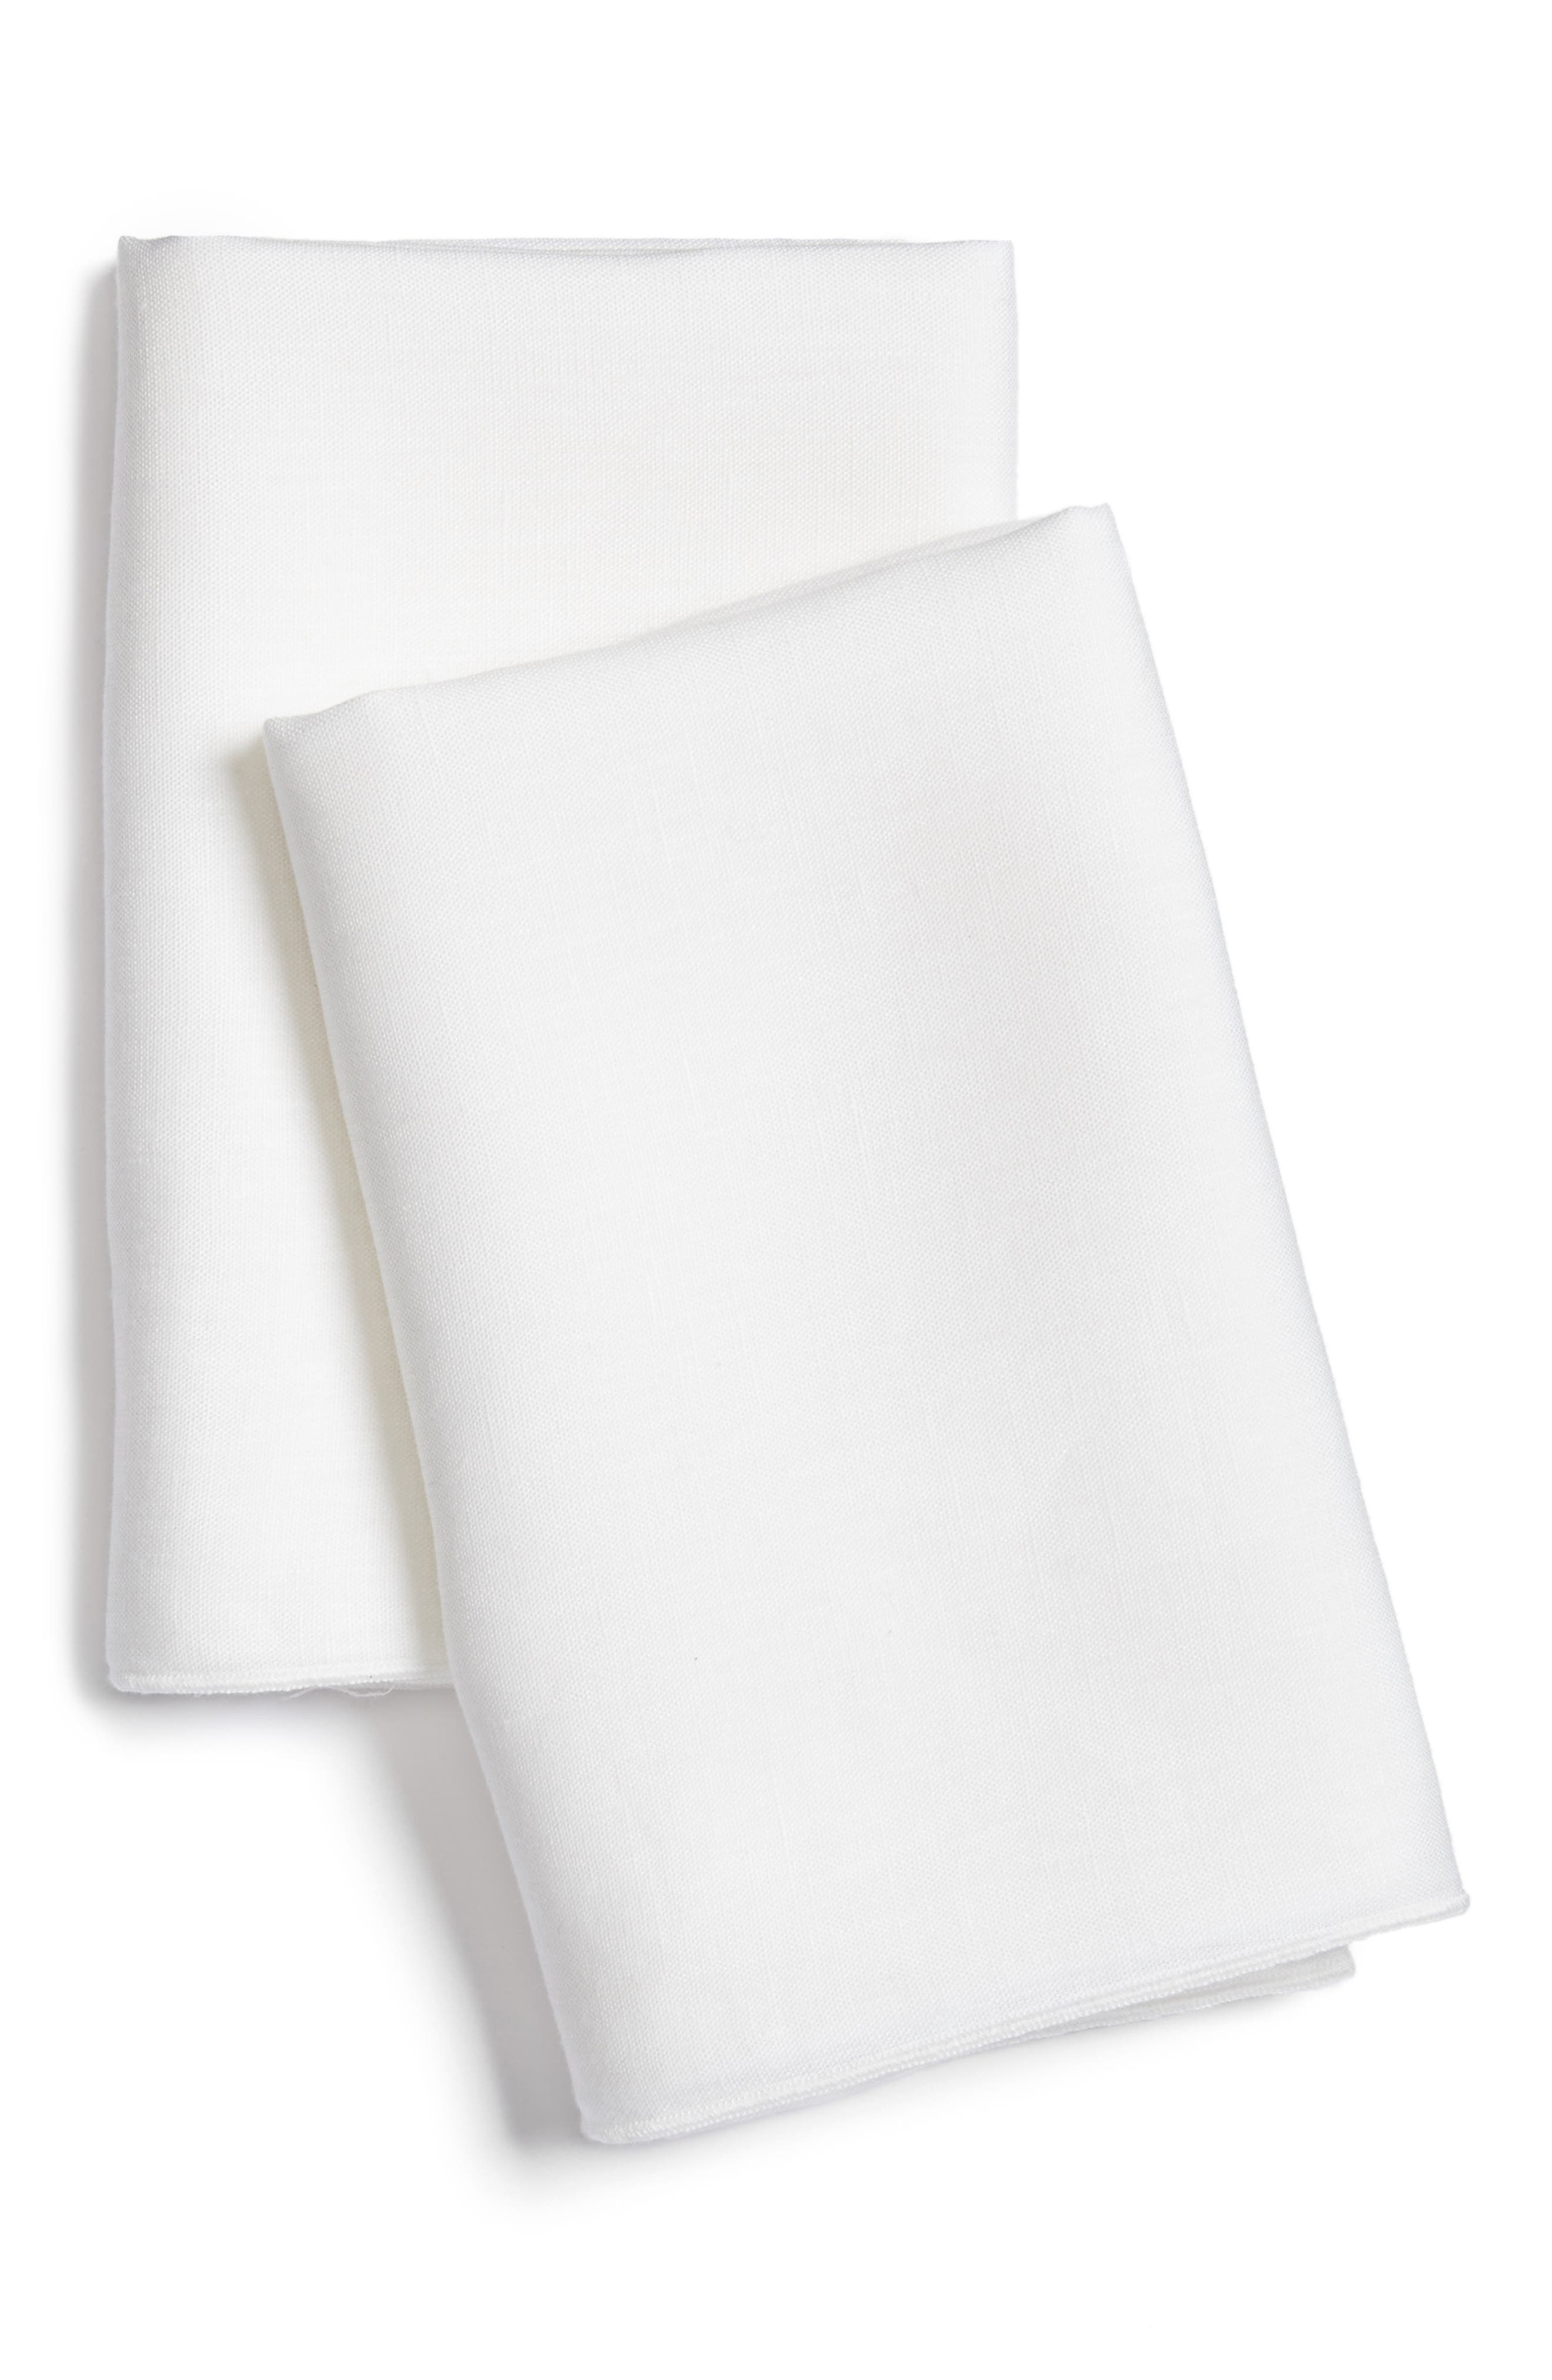 Solo Linen Pillowcases,                         Main,                         color, 100